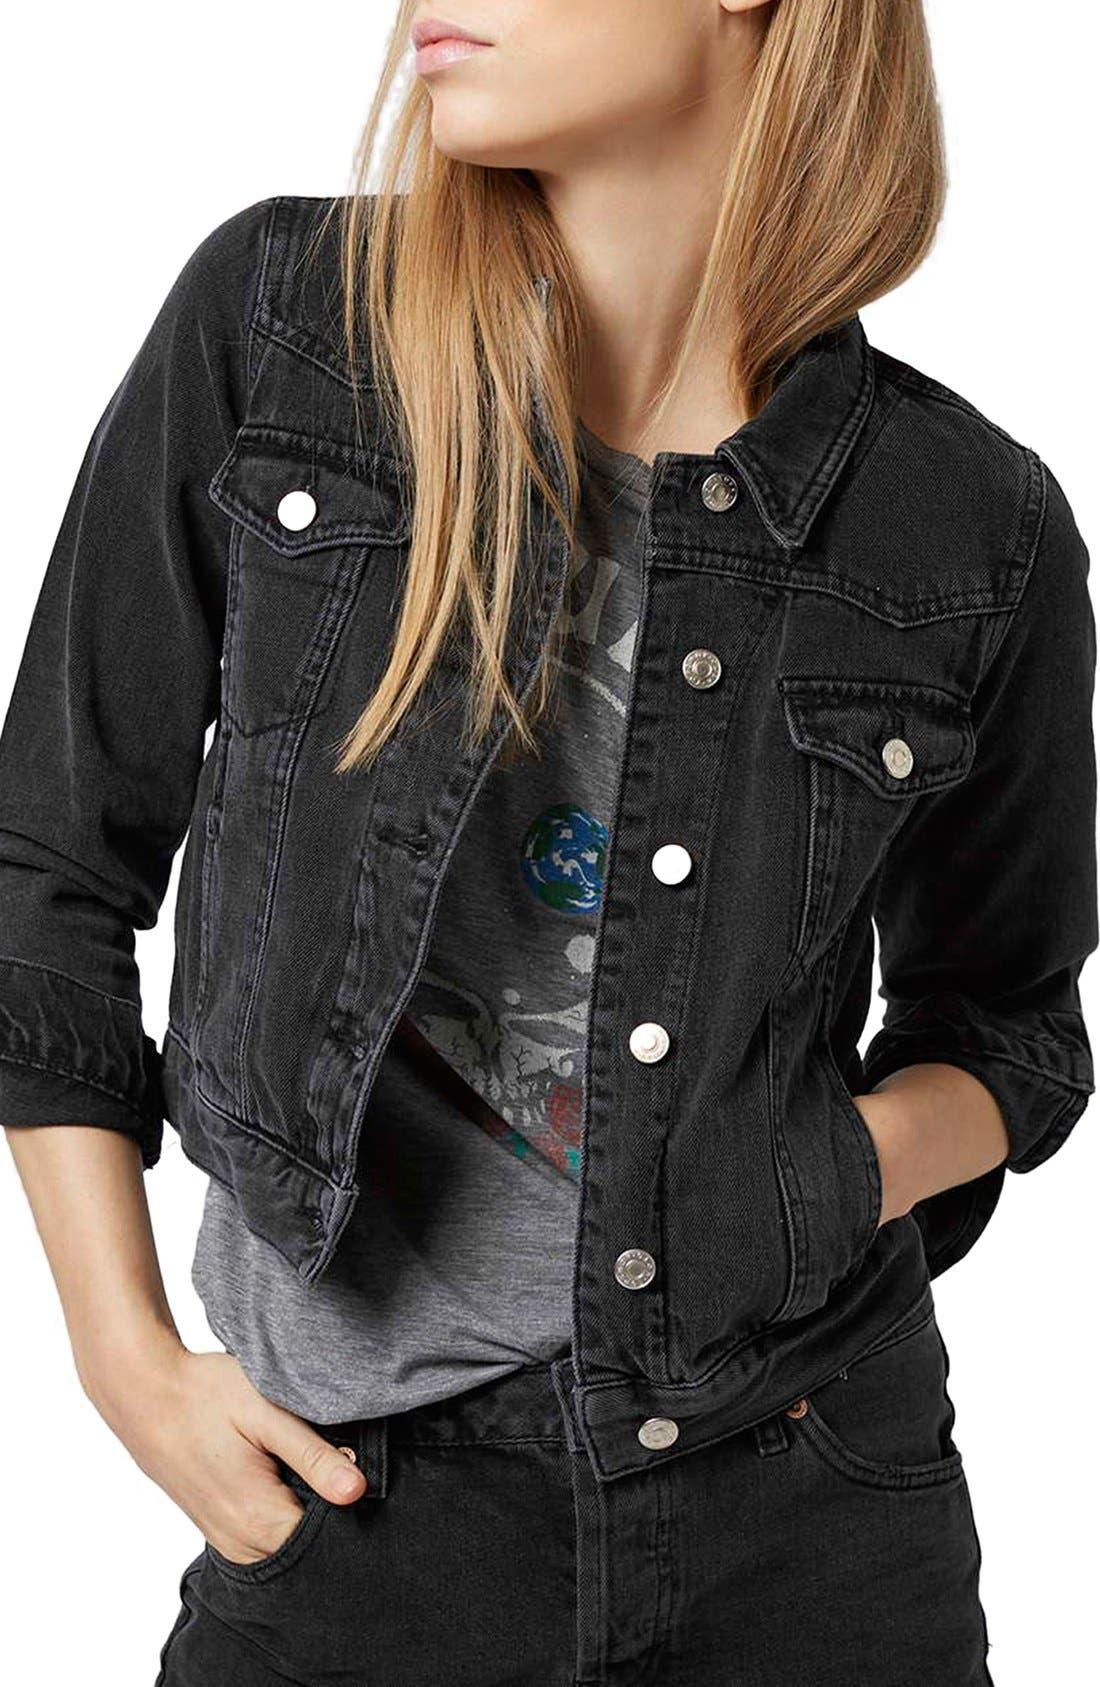 Alternate Image 1 Selected - Topshop Moto 'Tilda' Washed Denim Jacket (Black)